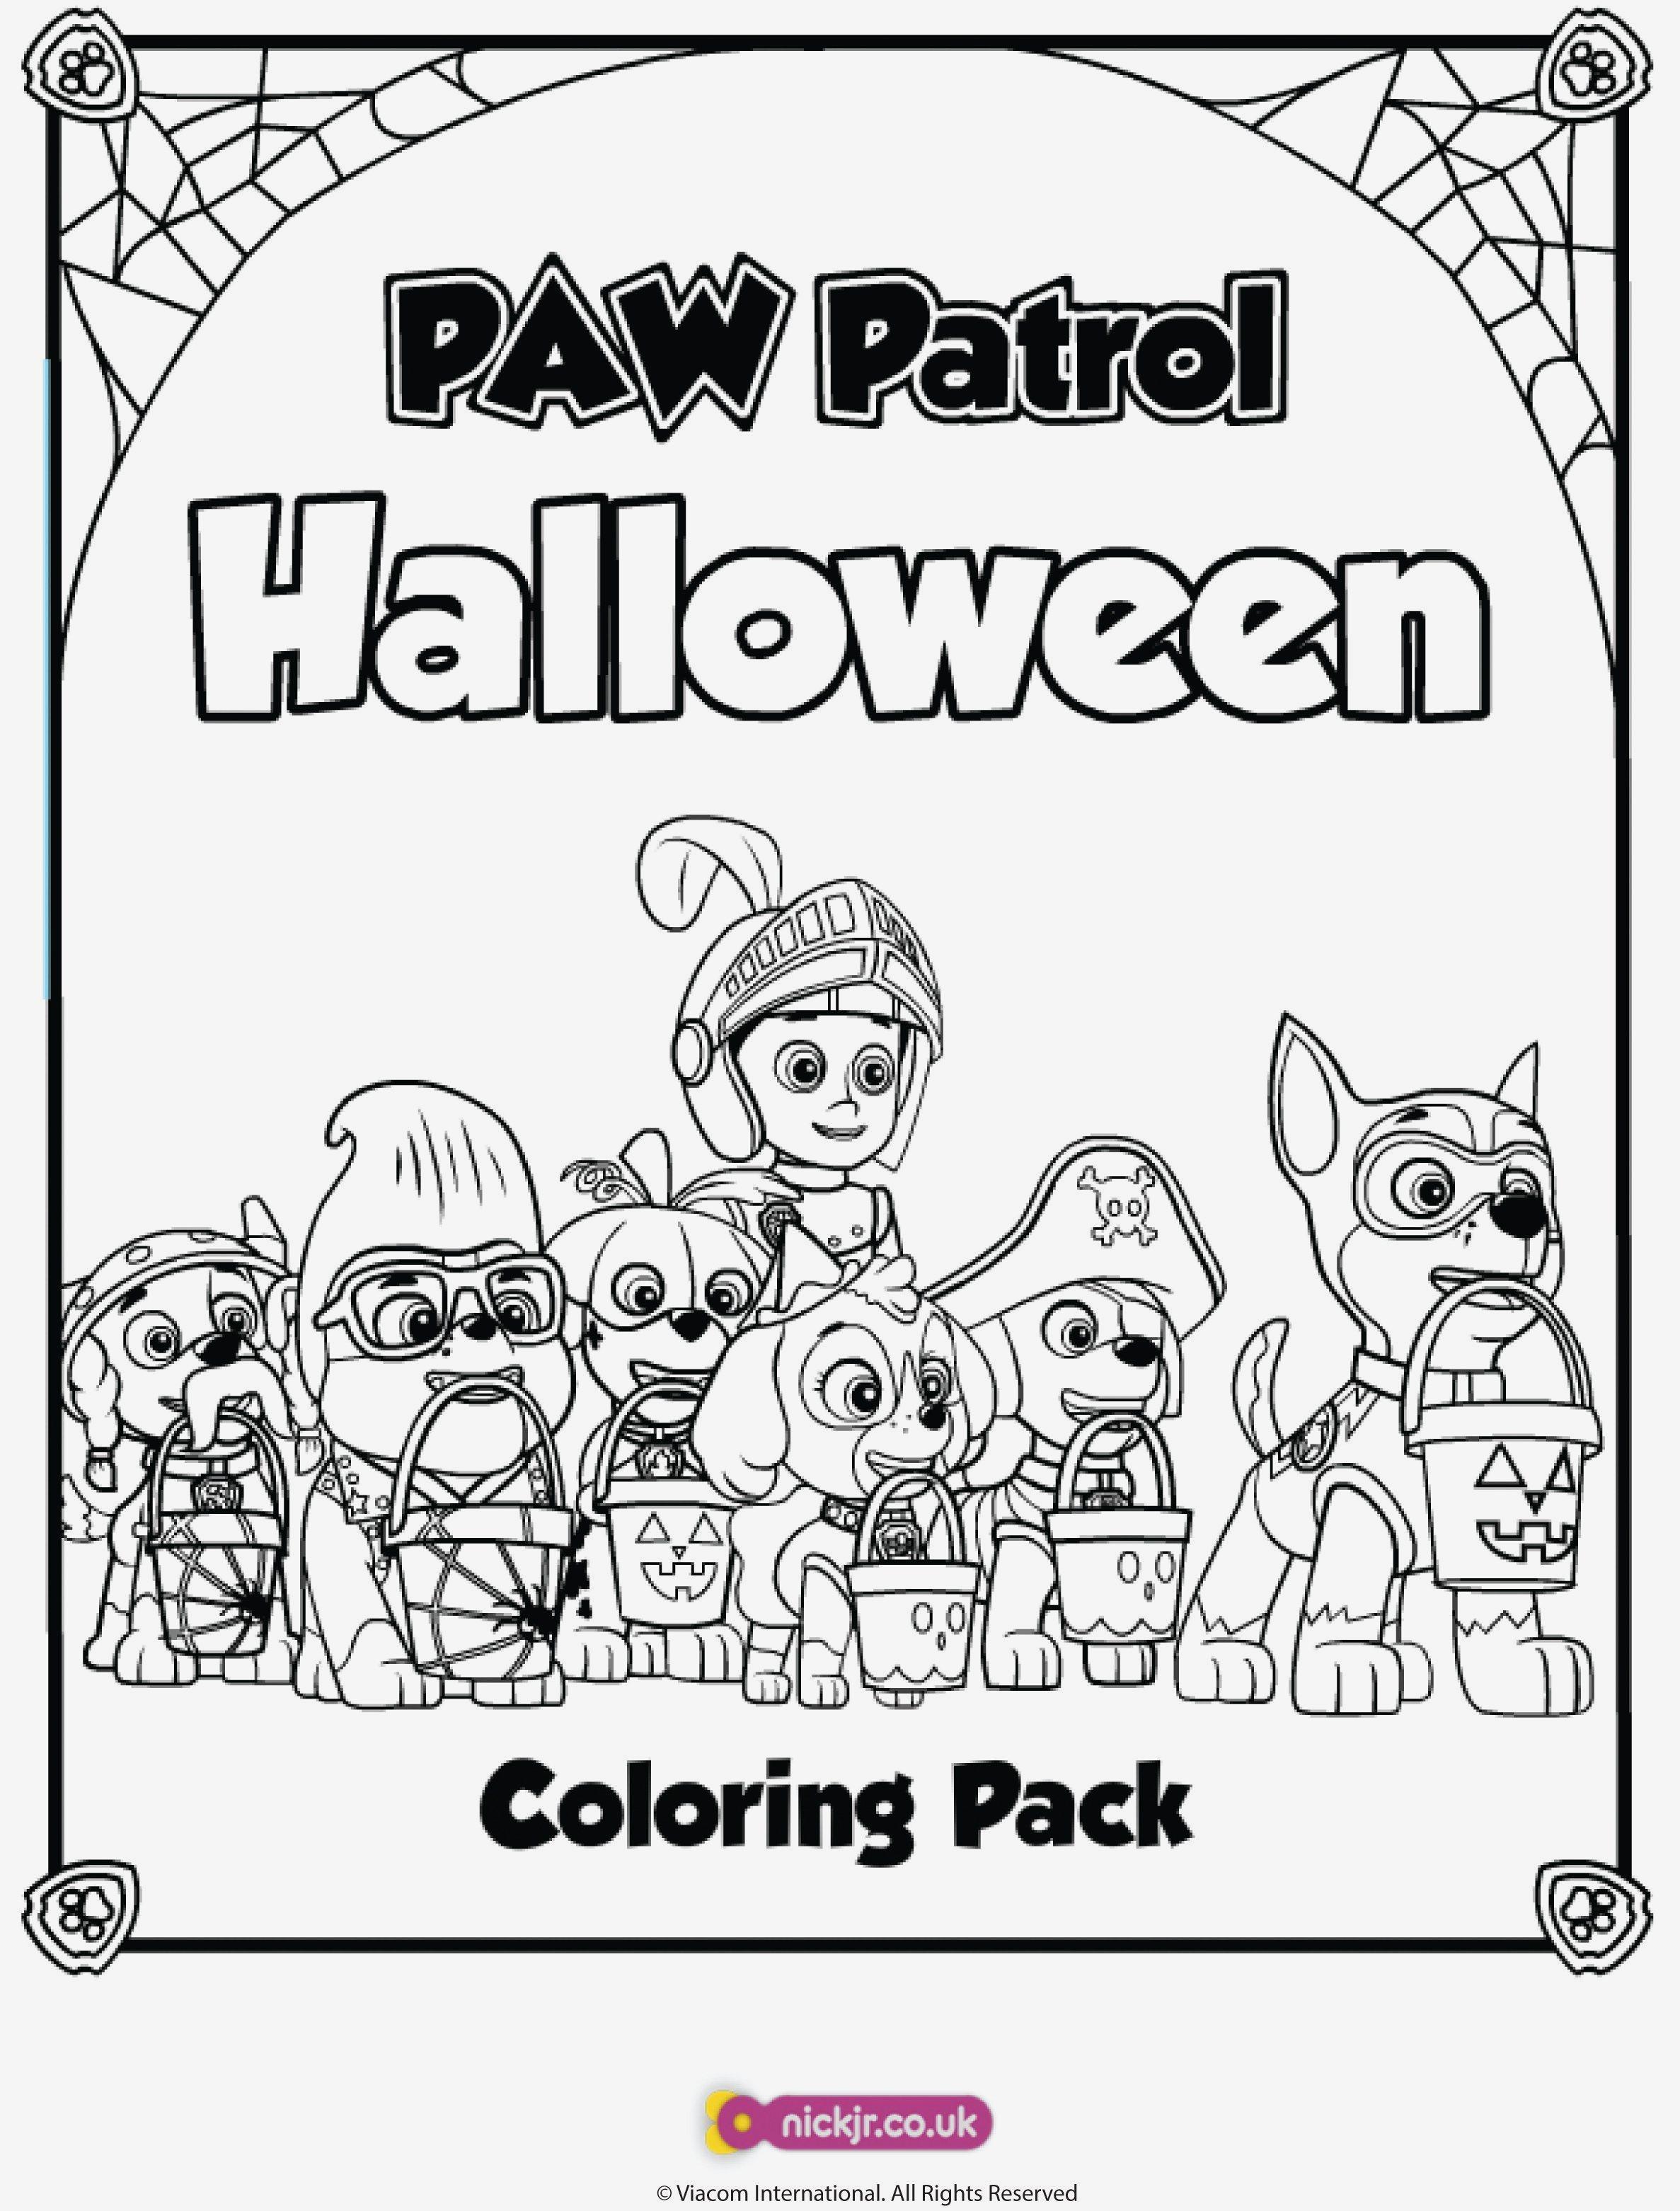 Malvorlagen Paw Patrol Inspirierend Eine Sammlung Von Färbung Bilder Gratis Malvorlagen Paw Patrol Bilder